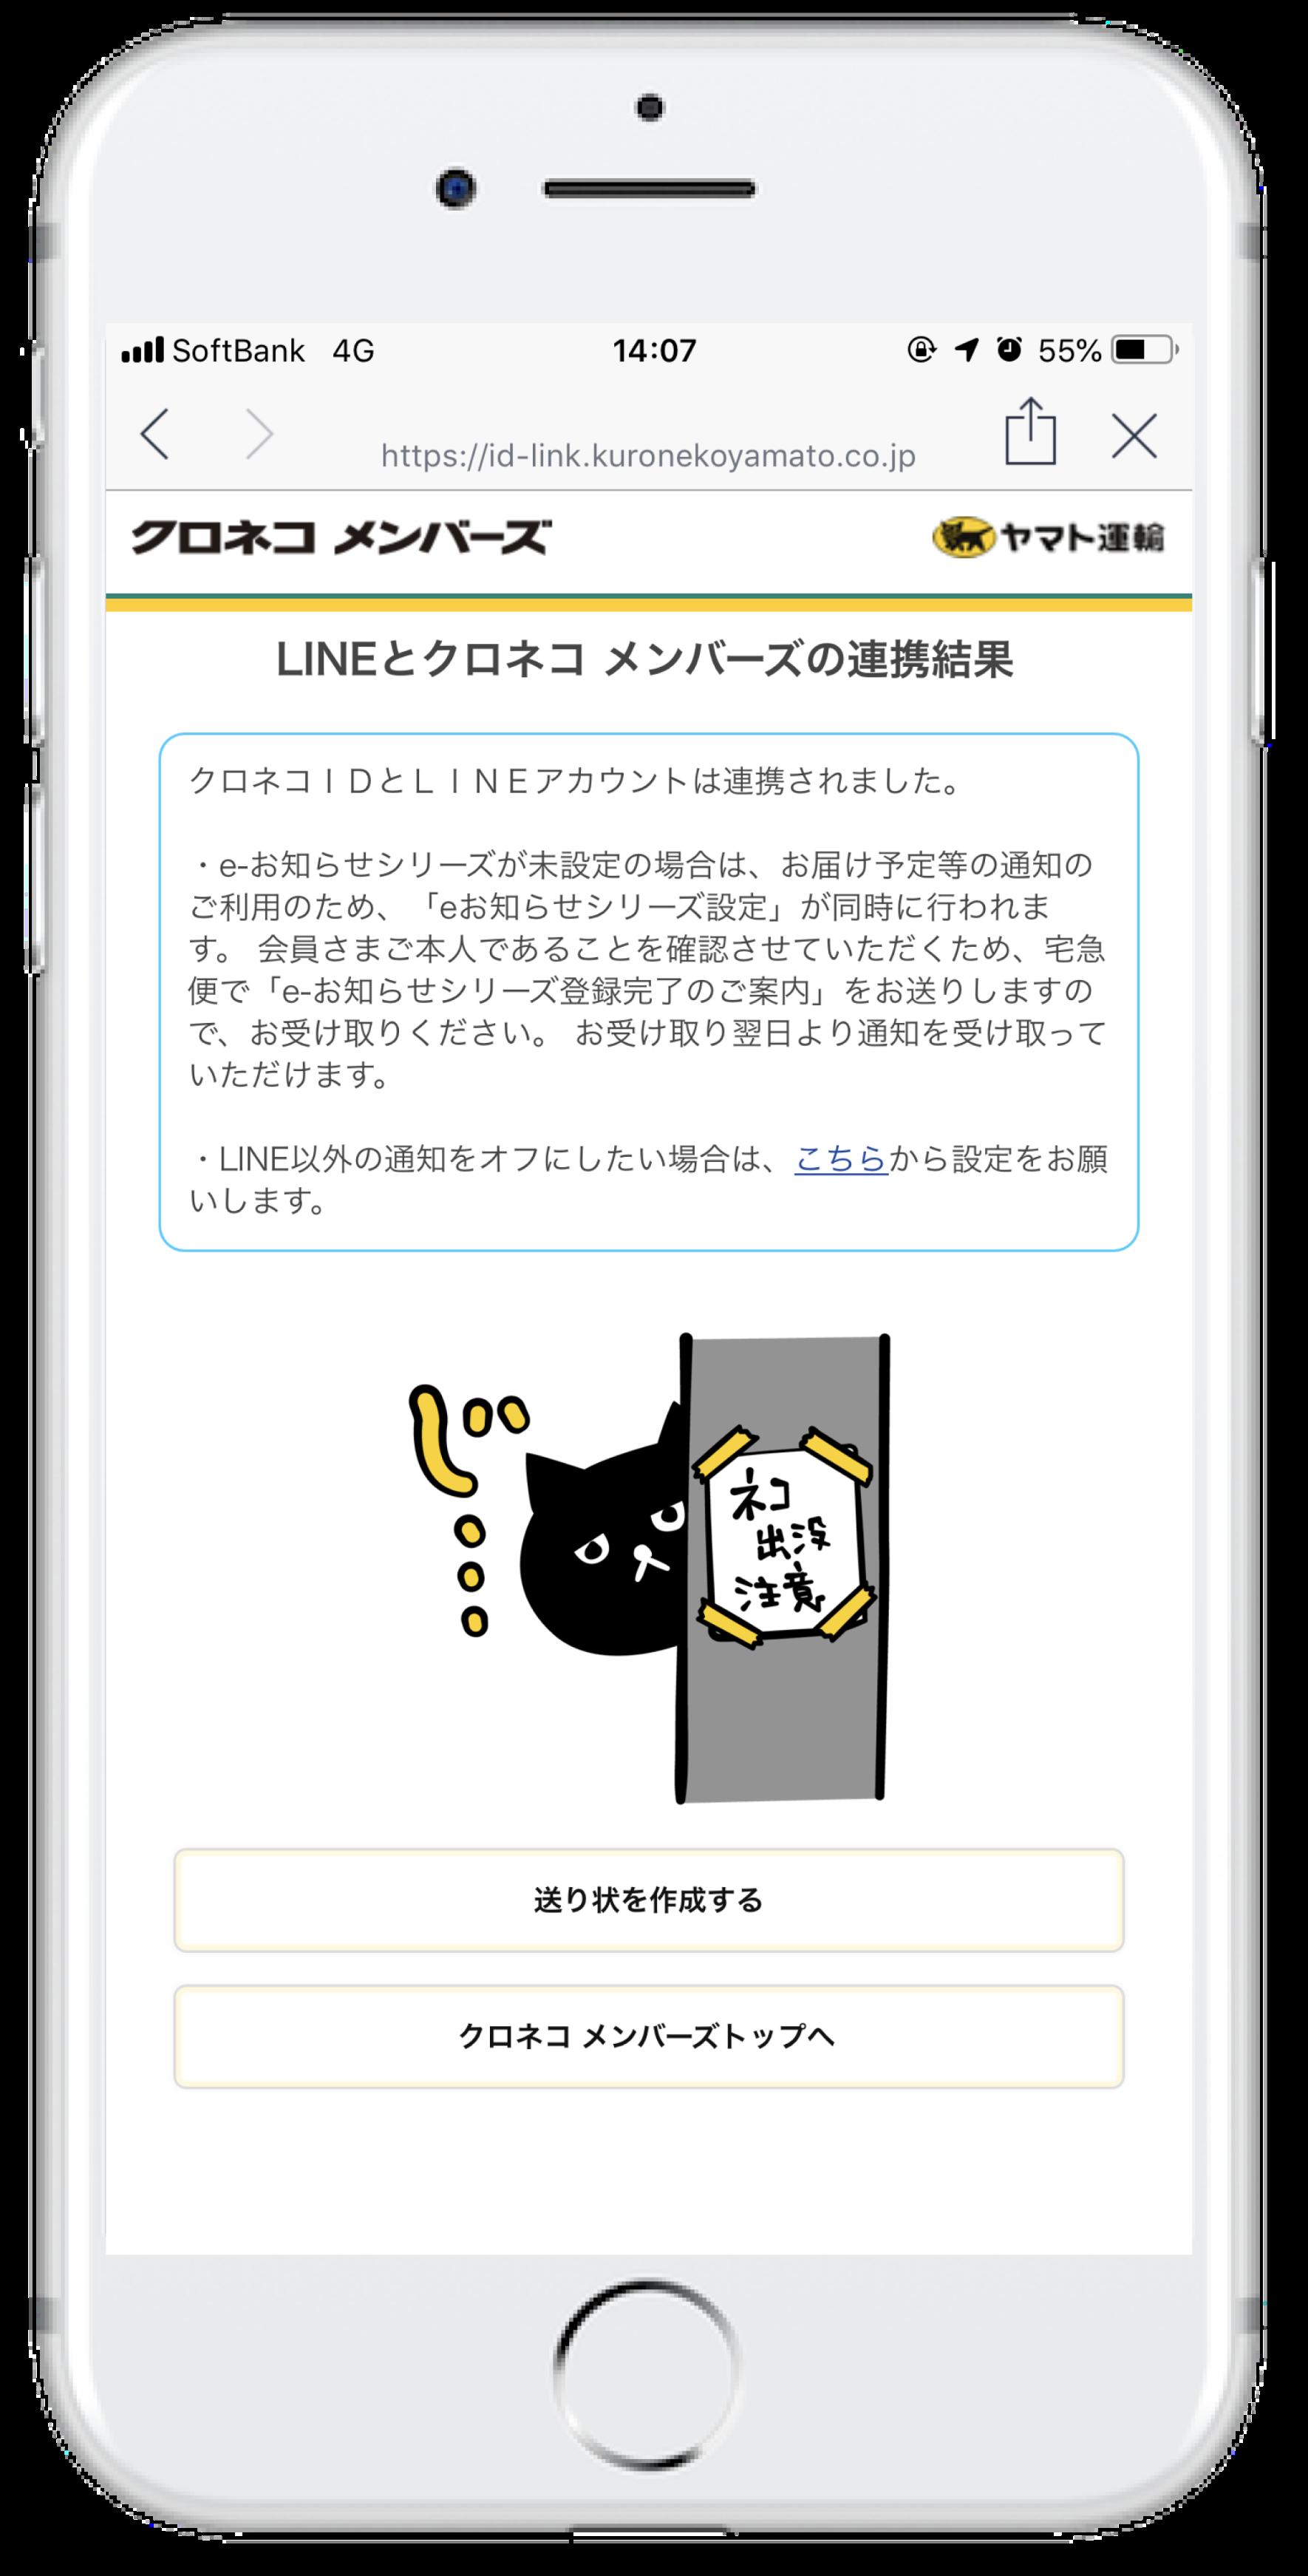 ミニアプリ活用事例ヤマト運輸編6